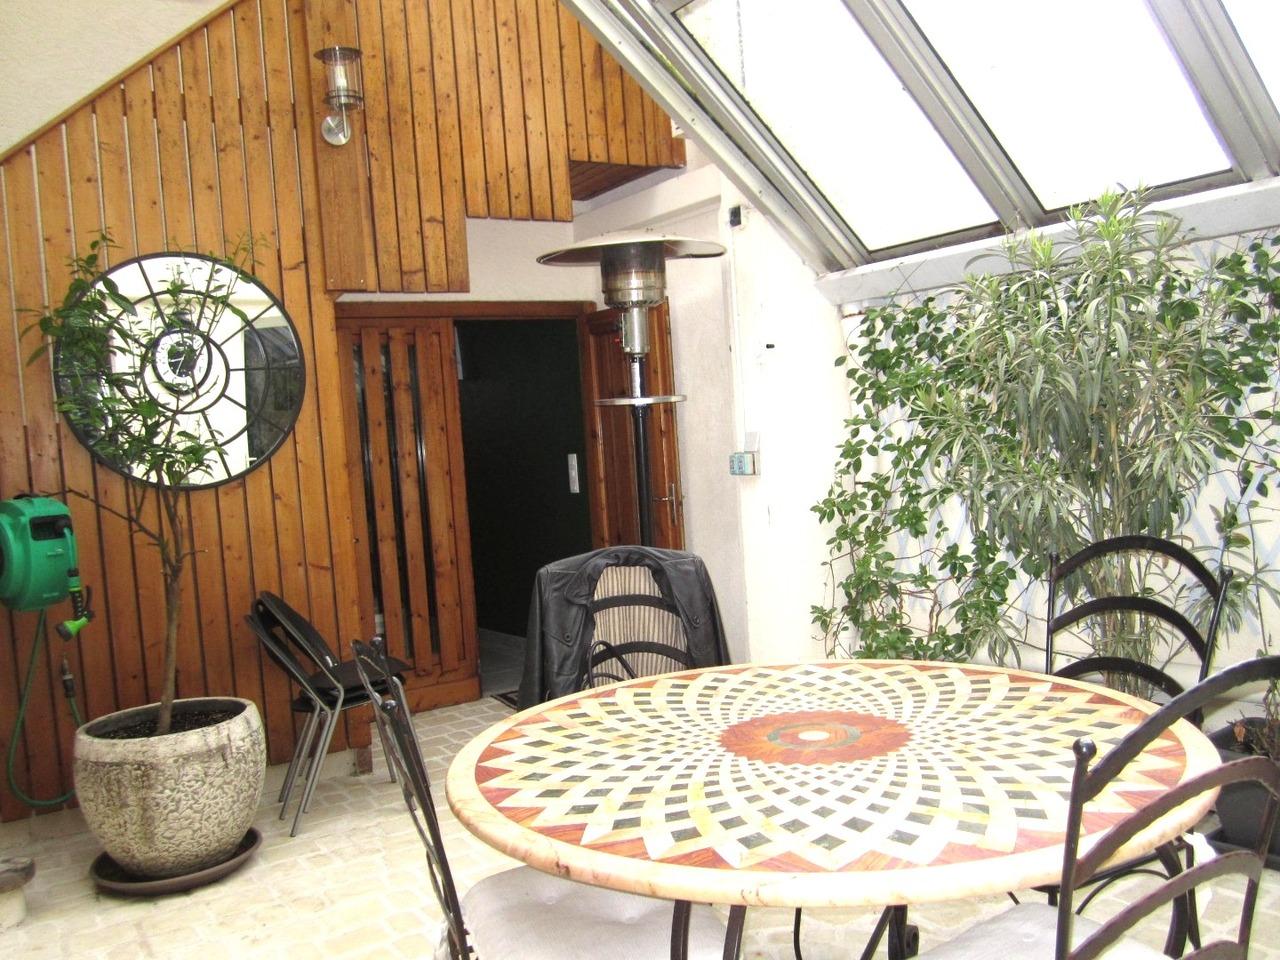 Vente maison / villa Barbezieux-saint-hilaire 230000€ - Photo 1